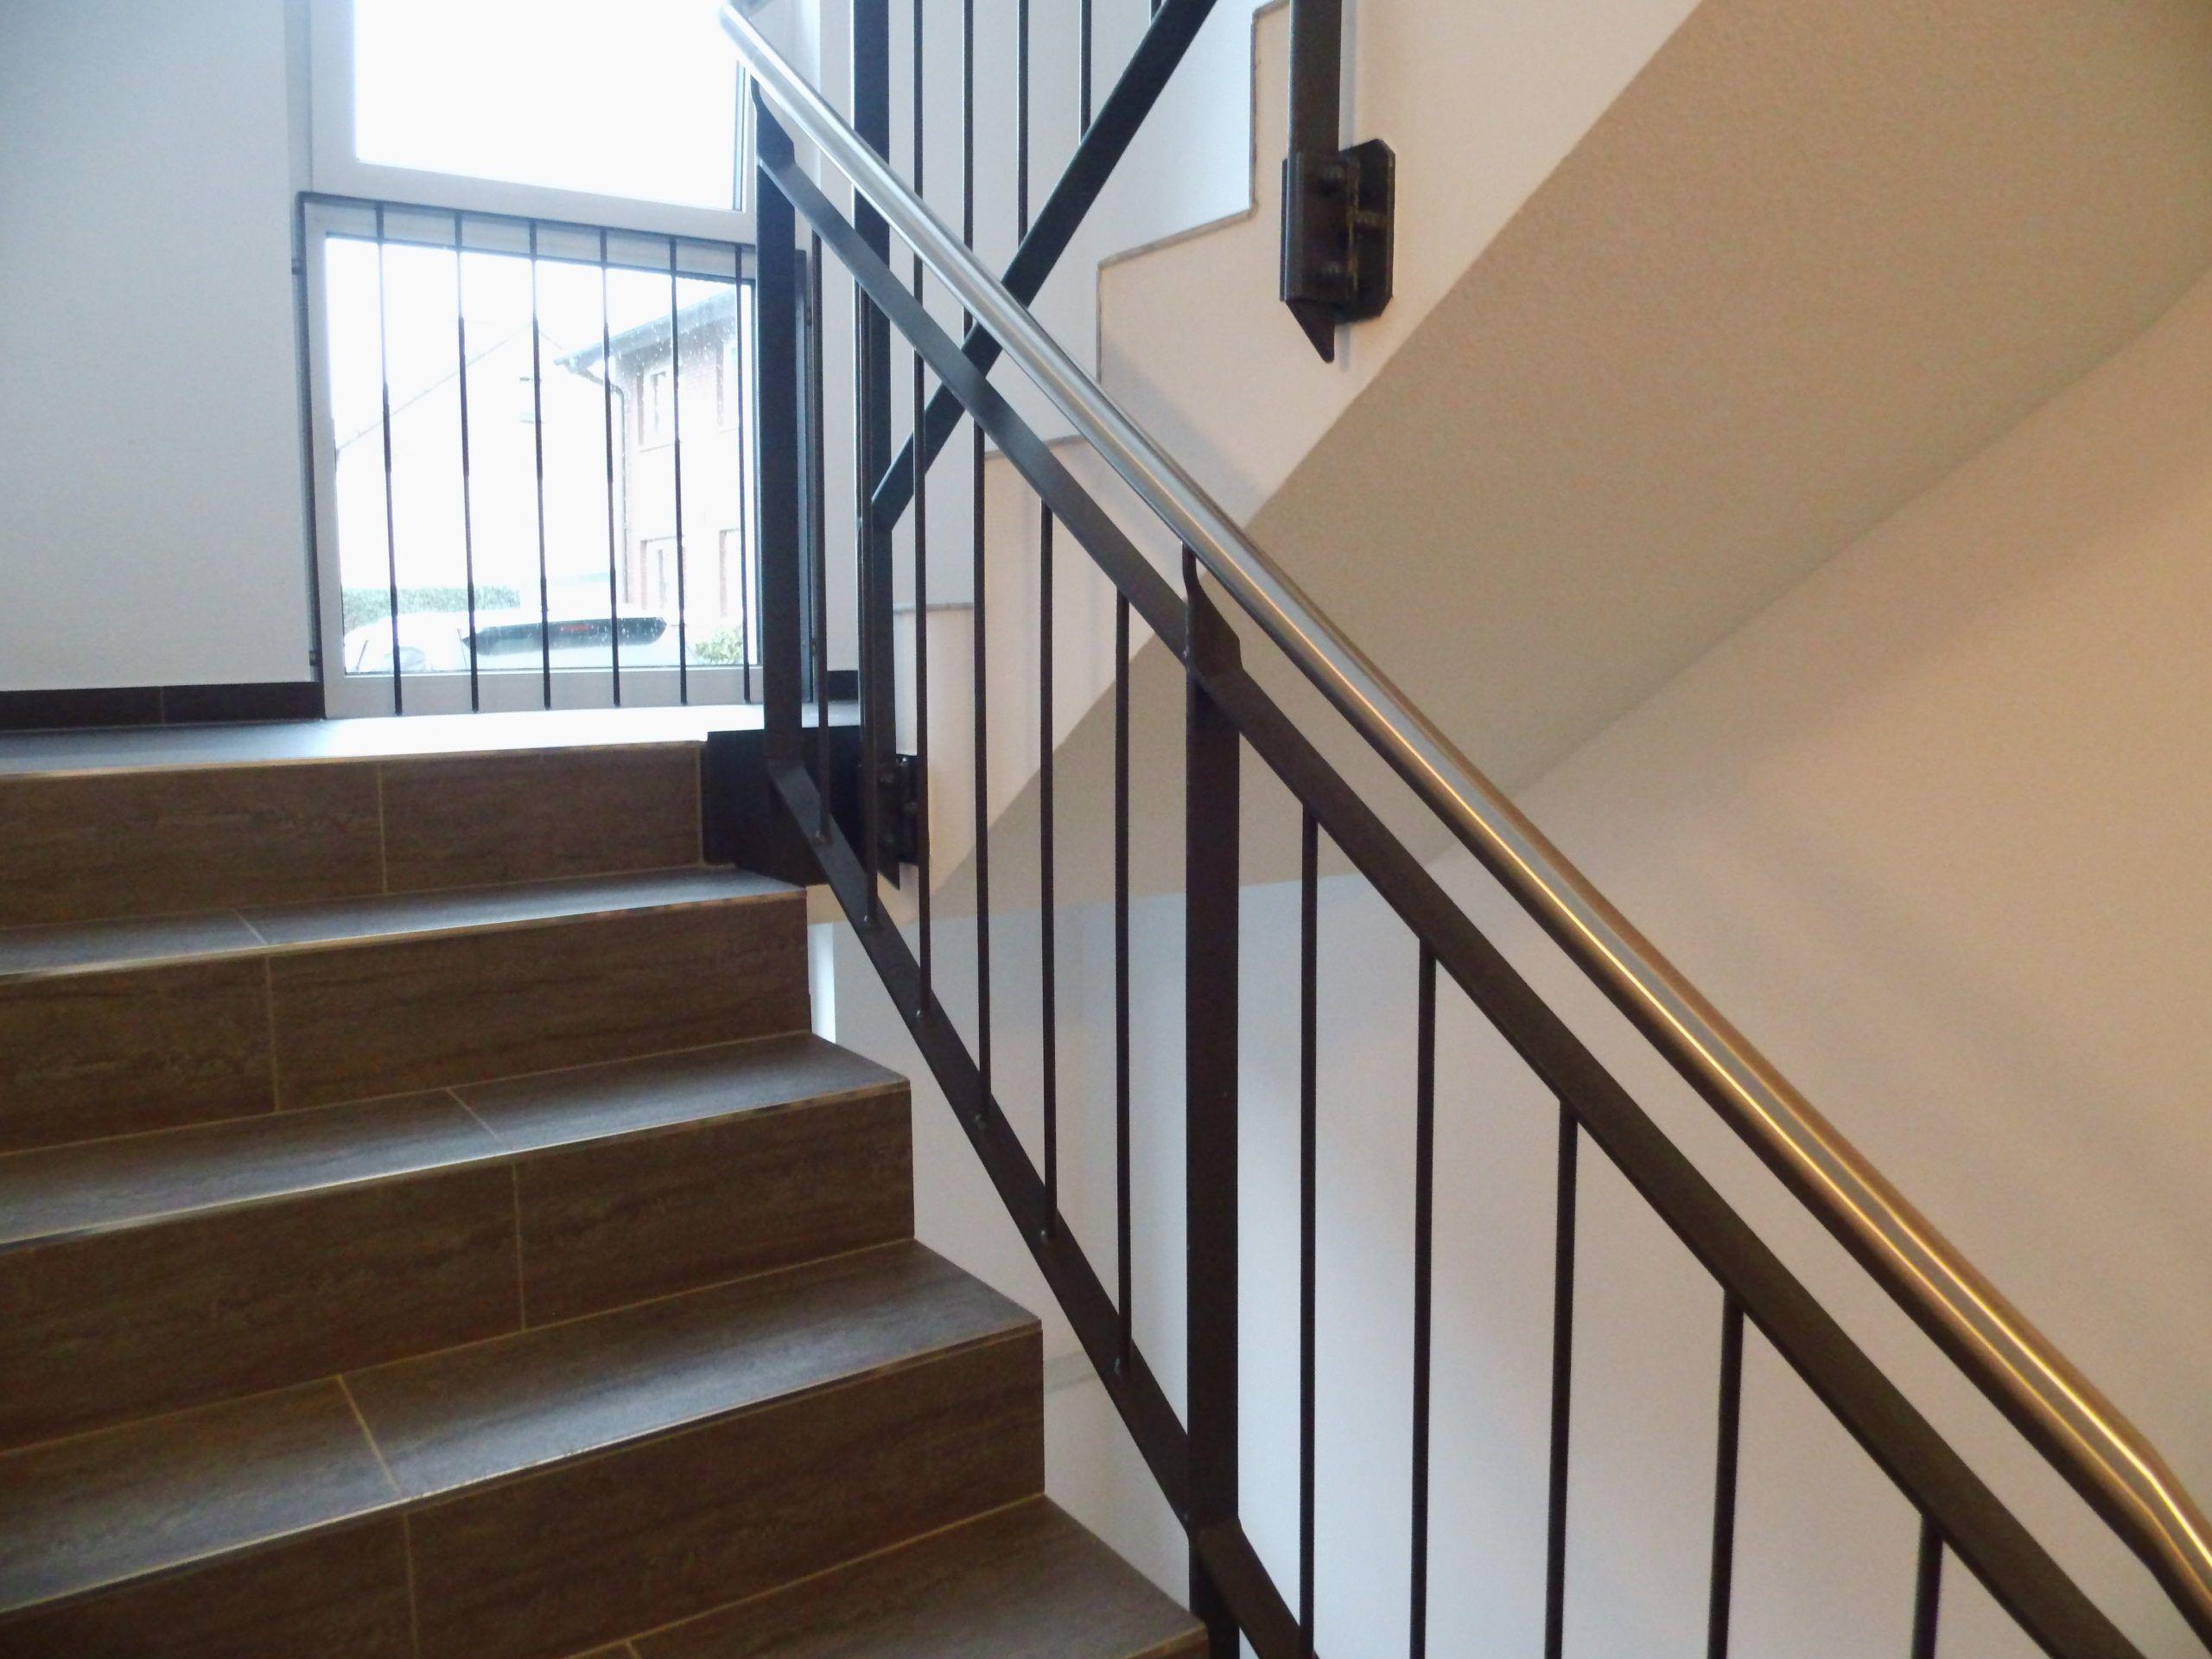 Treppengeländer mit aufrechten Rundstäben in anthrazit und Edelstahlhandlauf